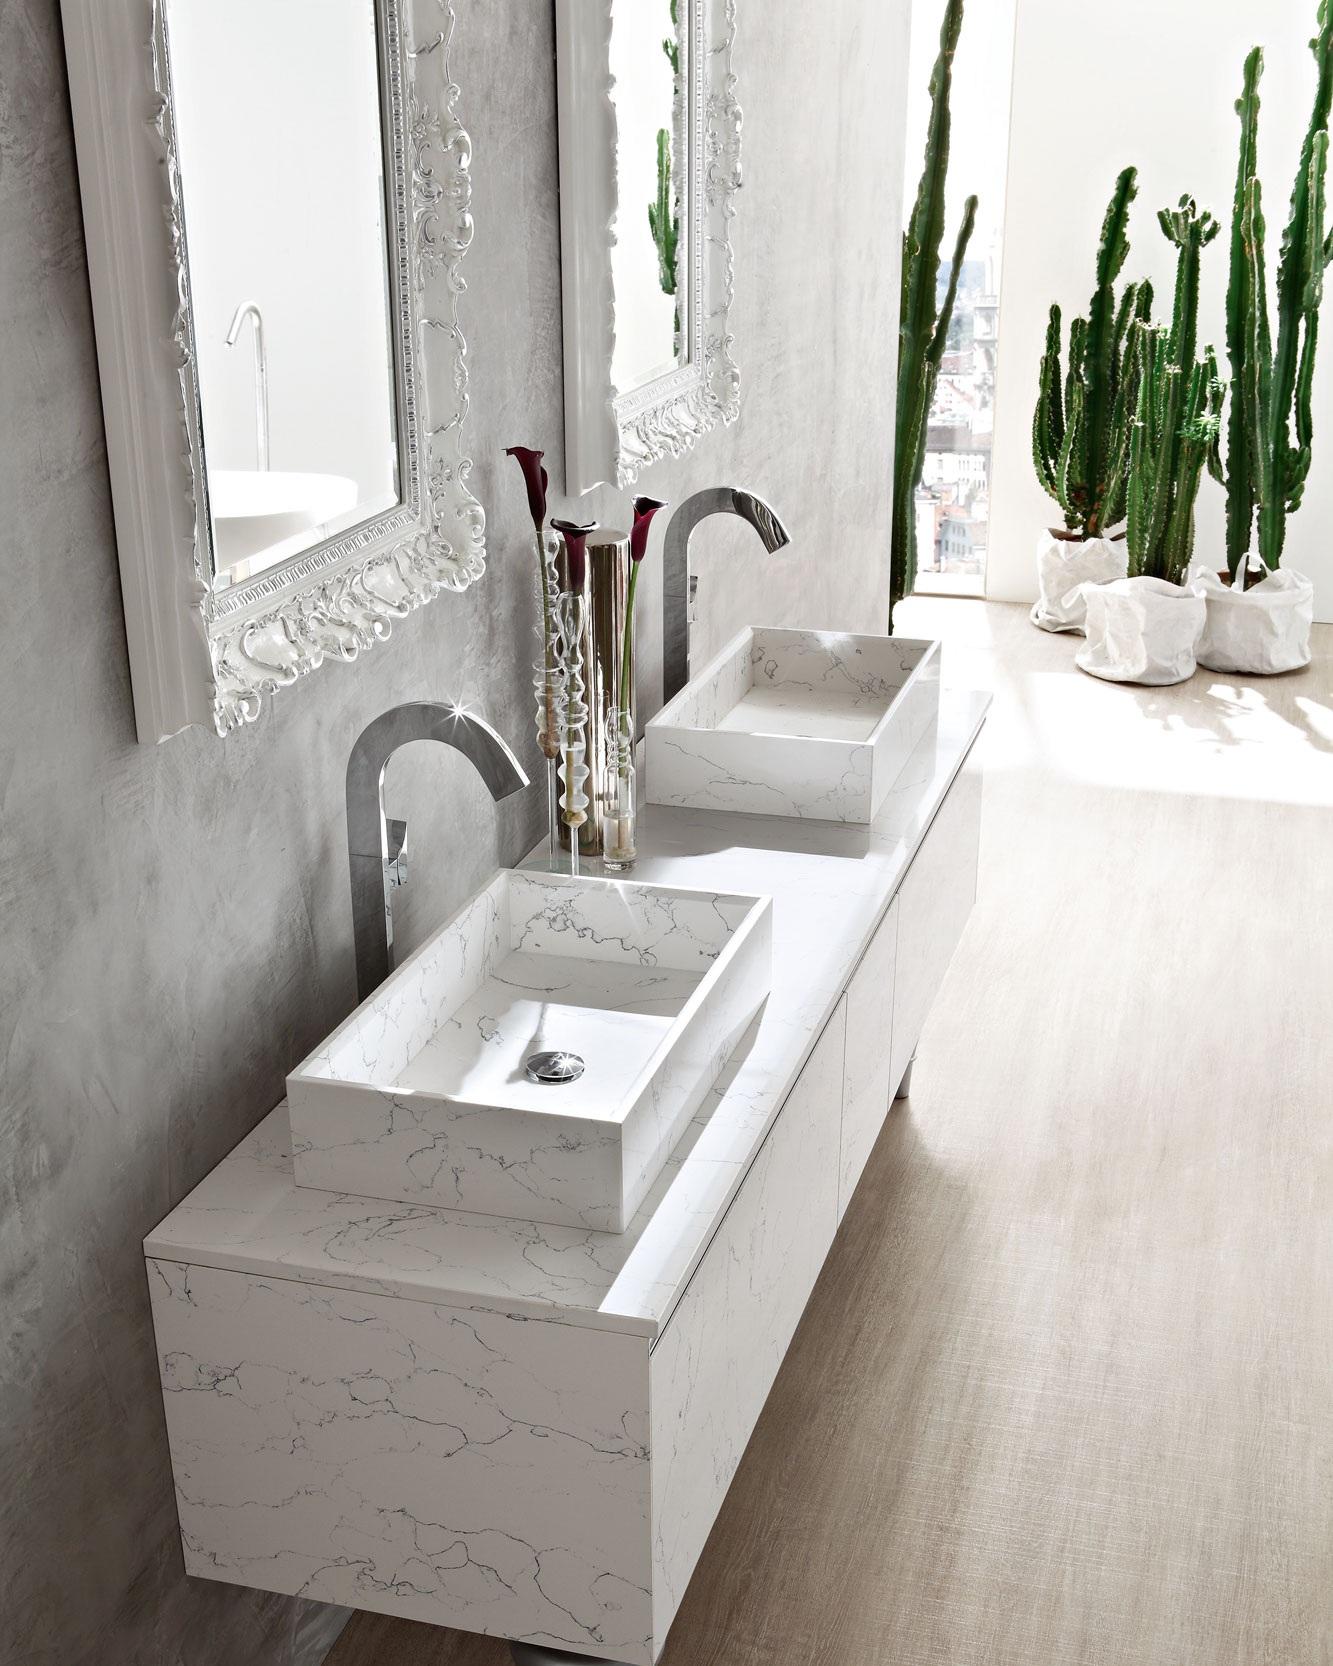 Marmo - La modernità del Marmo unisce le diverse finiture ad un elegante senso della materia.